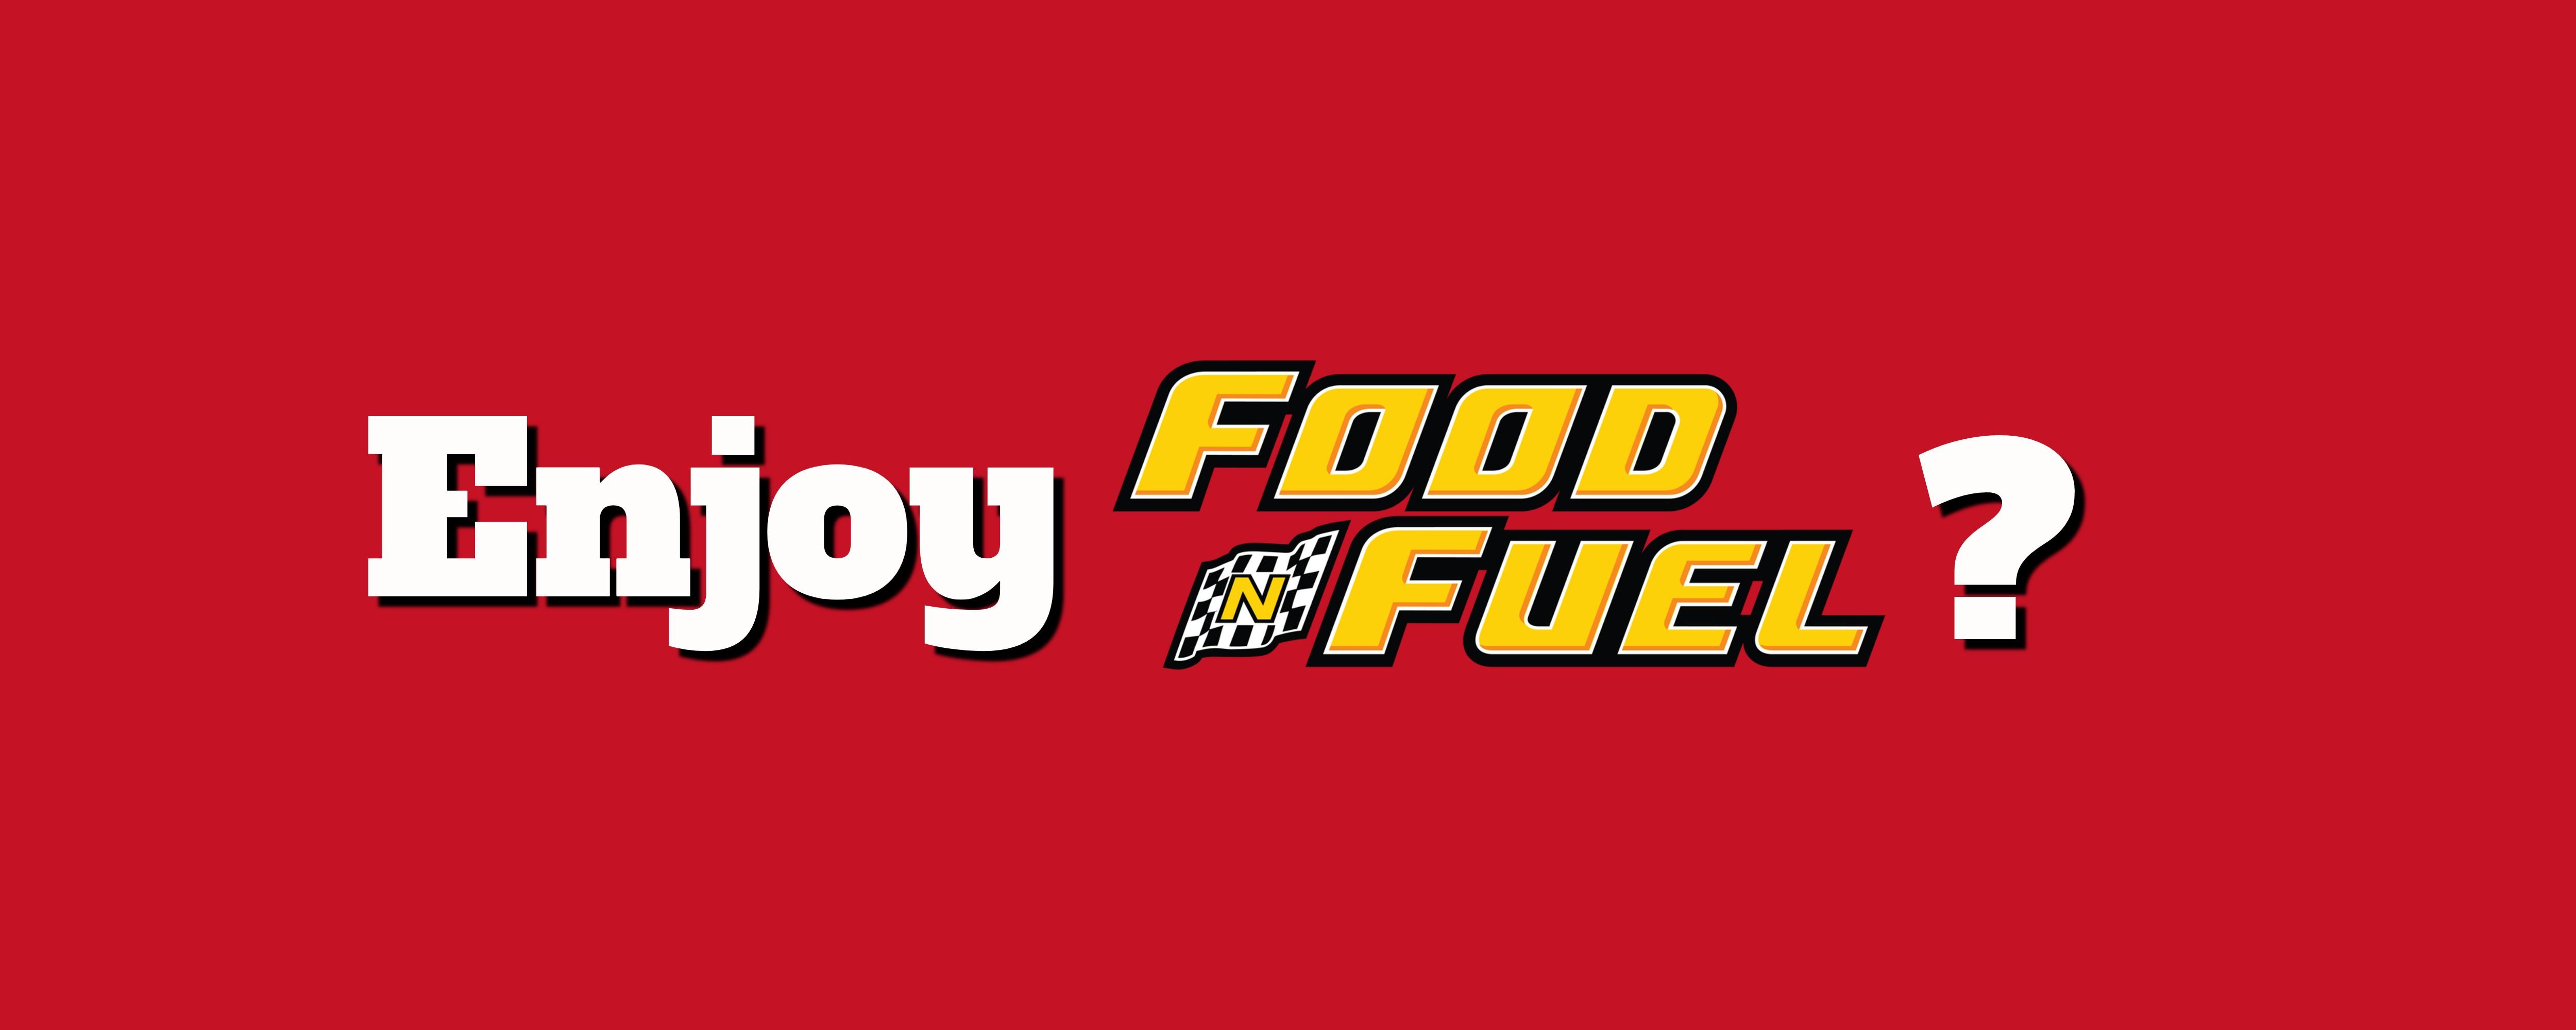 foodnfuellike1